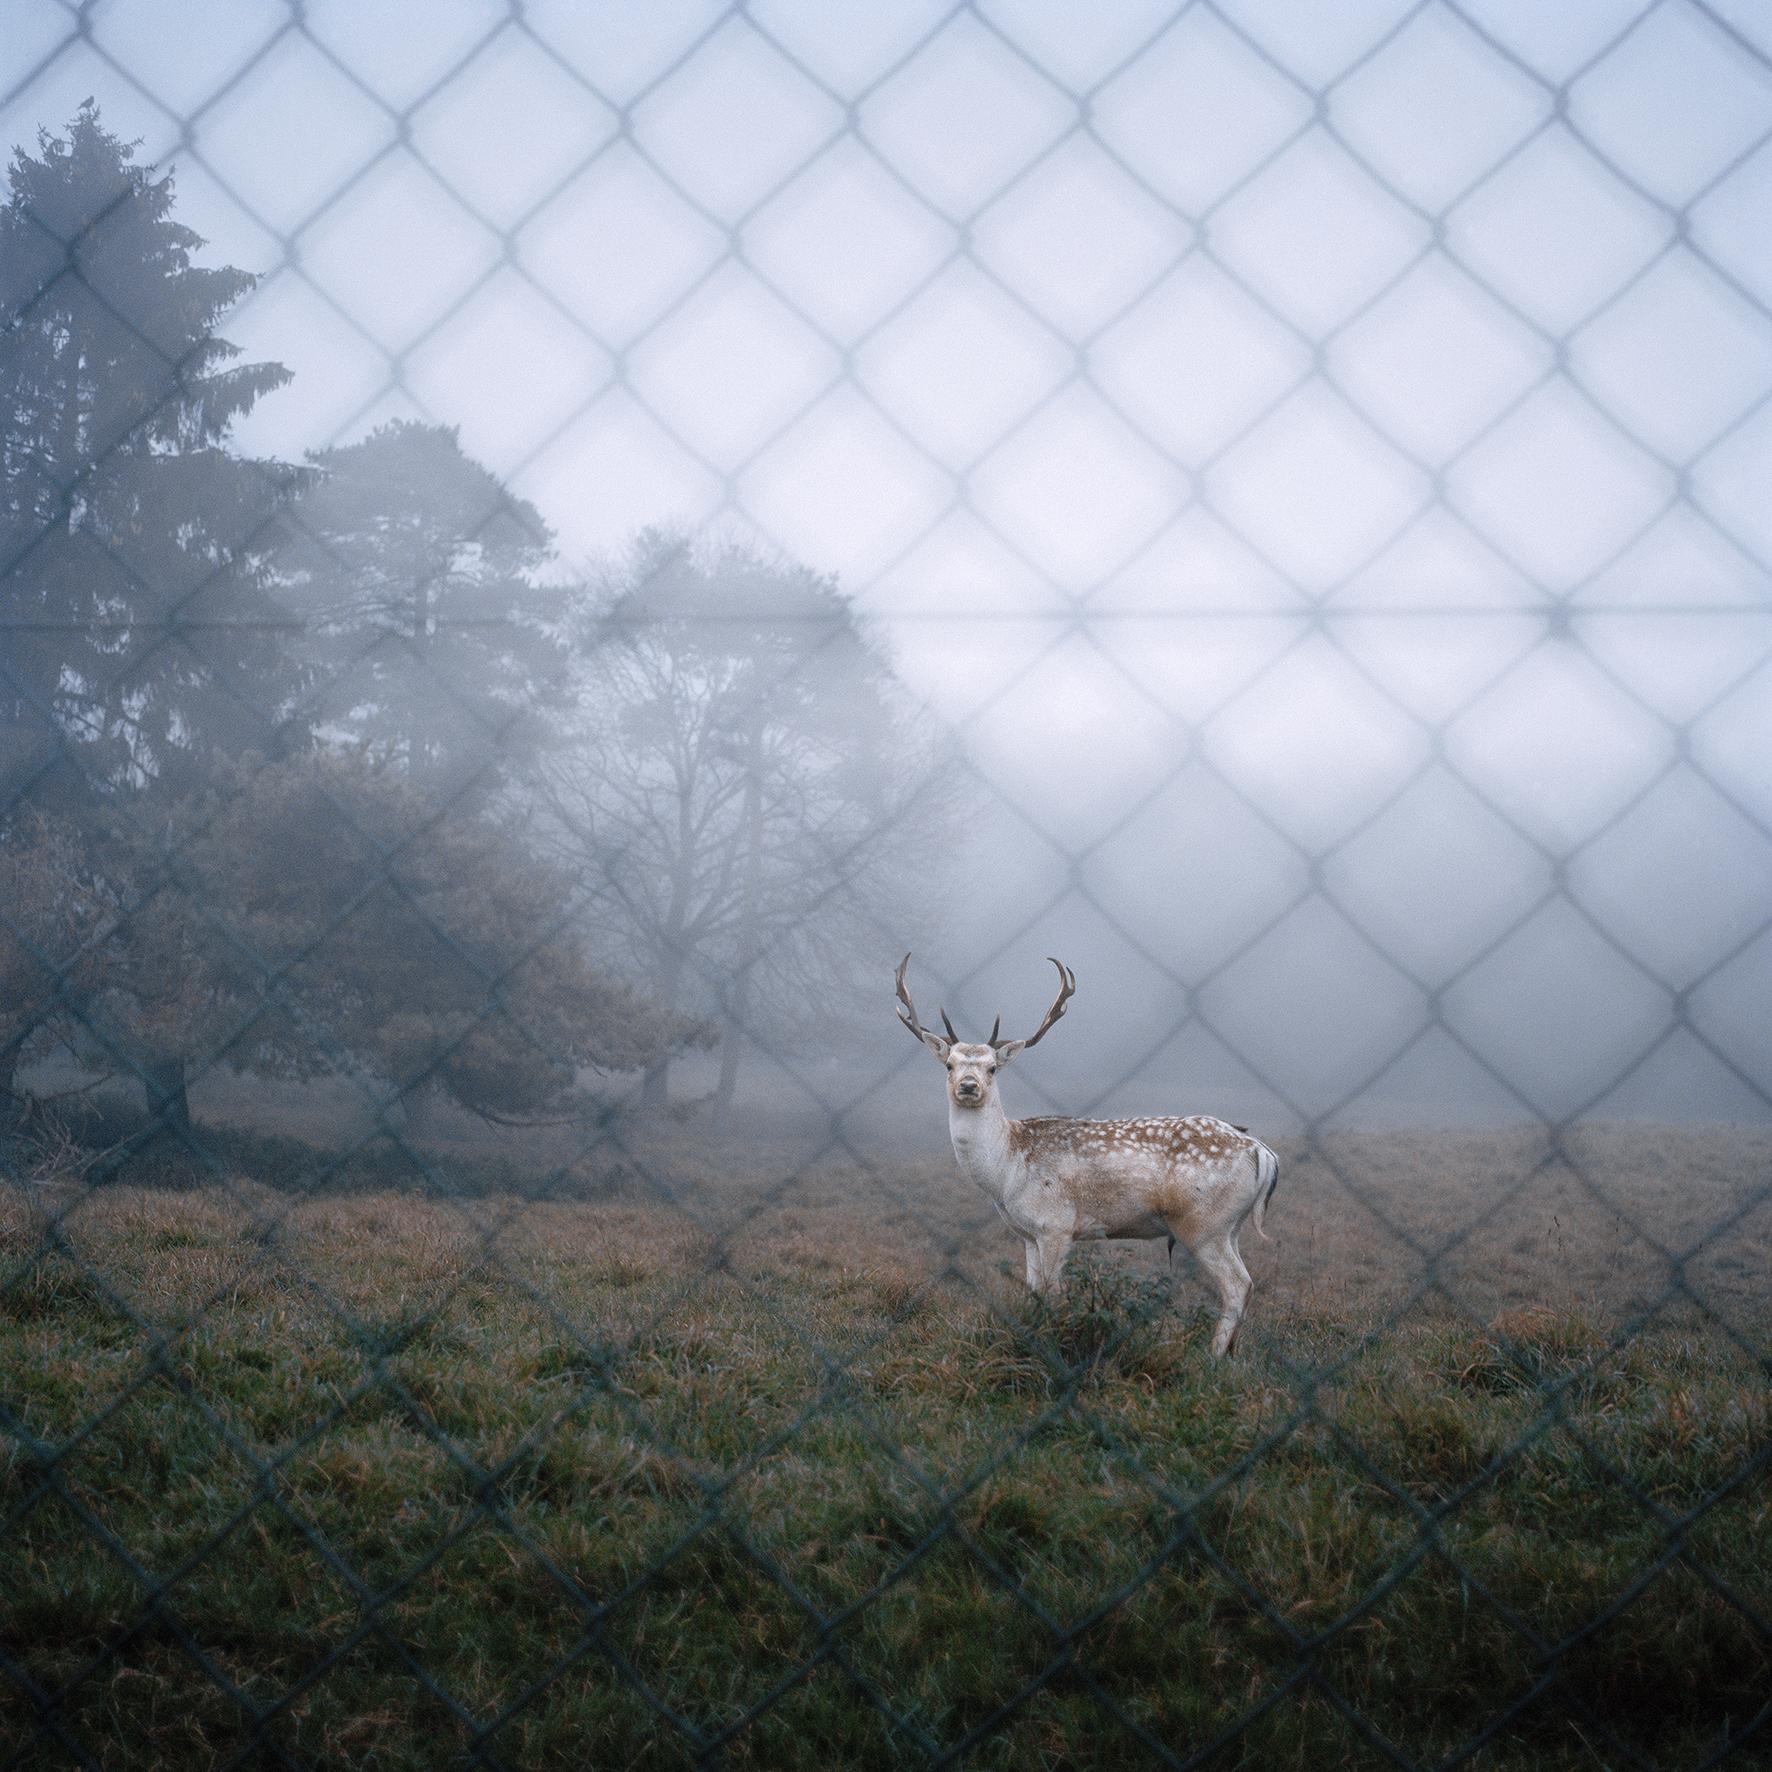 Maelle Collin_Deer_Web.jpg